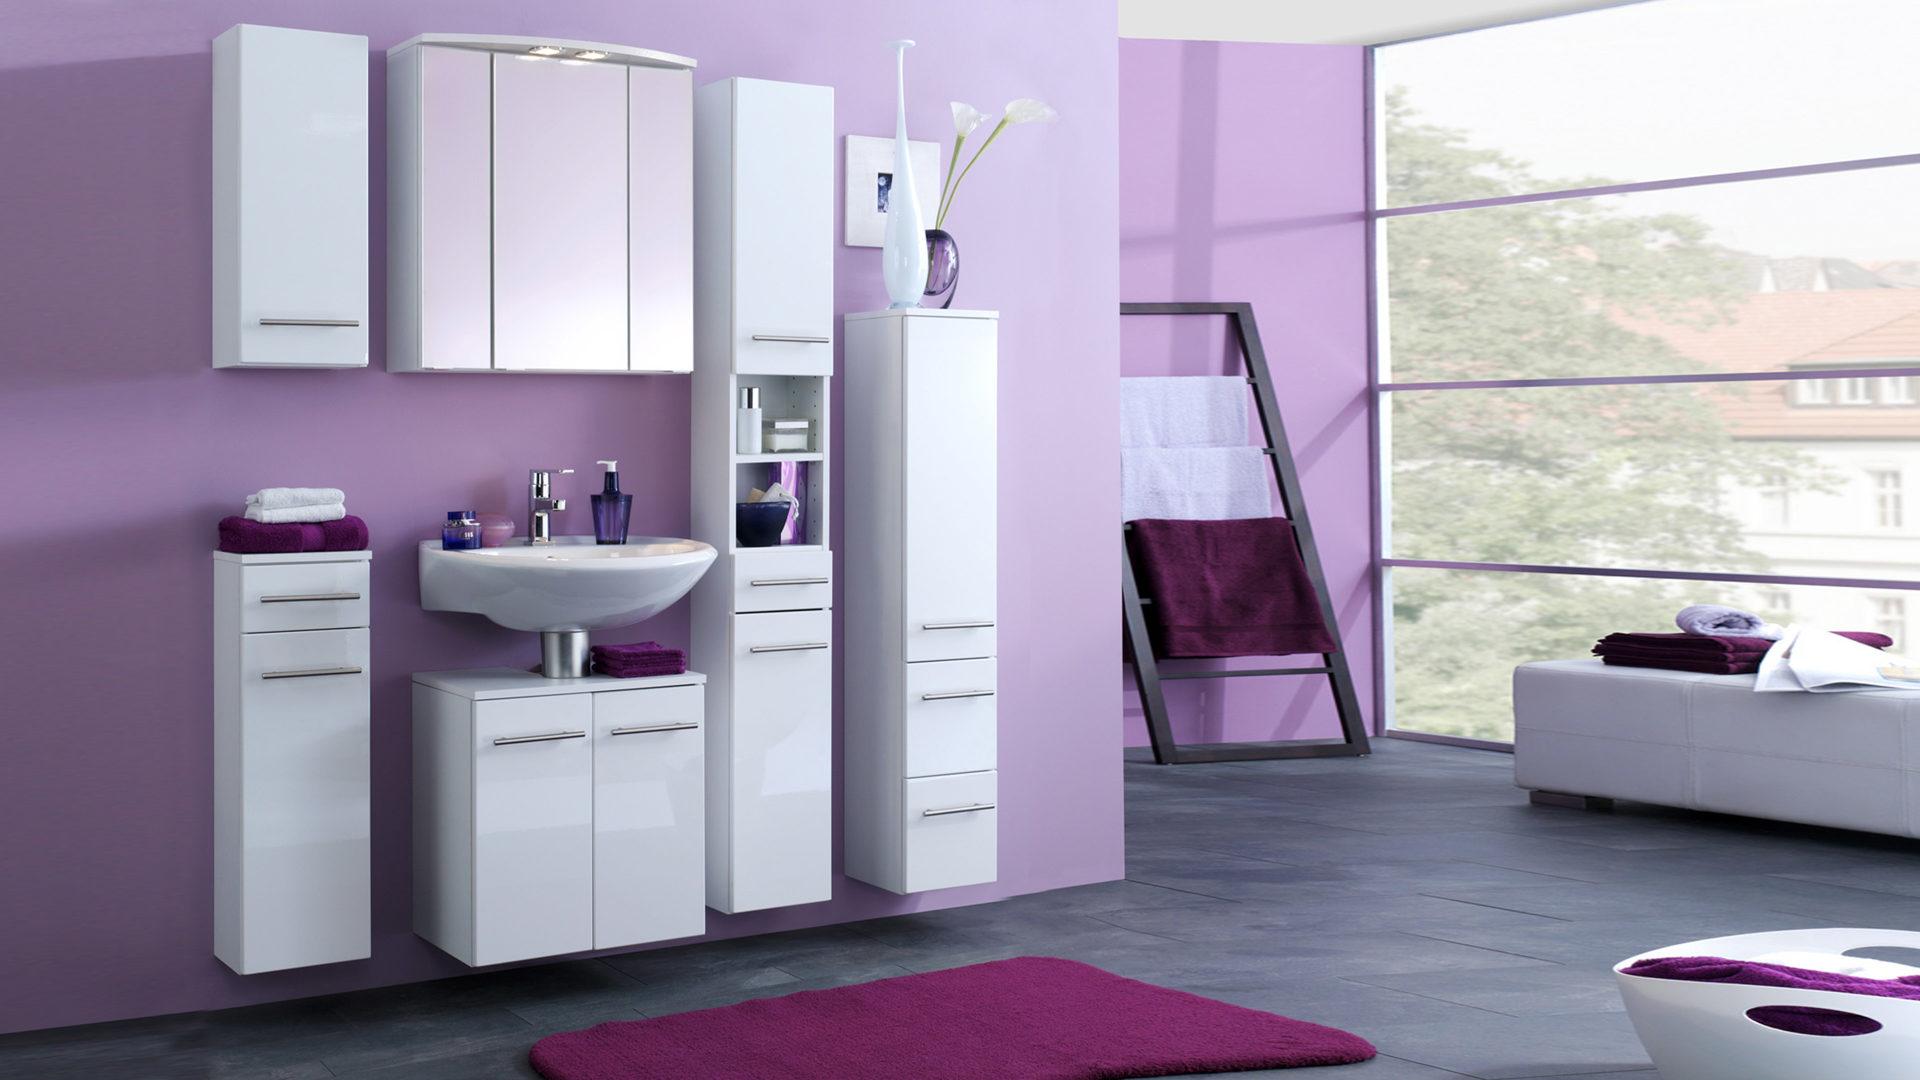 hoffmann möbel guben | räume | badezimmer | spiegelschränke +, Hause ideen